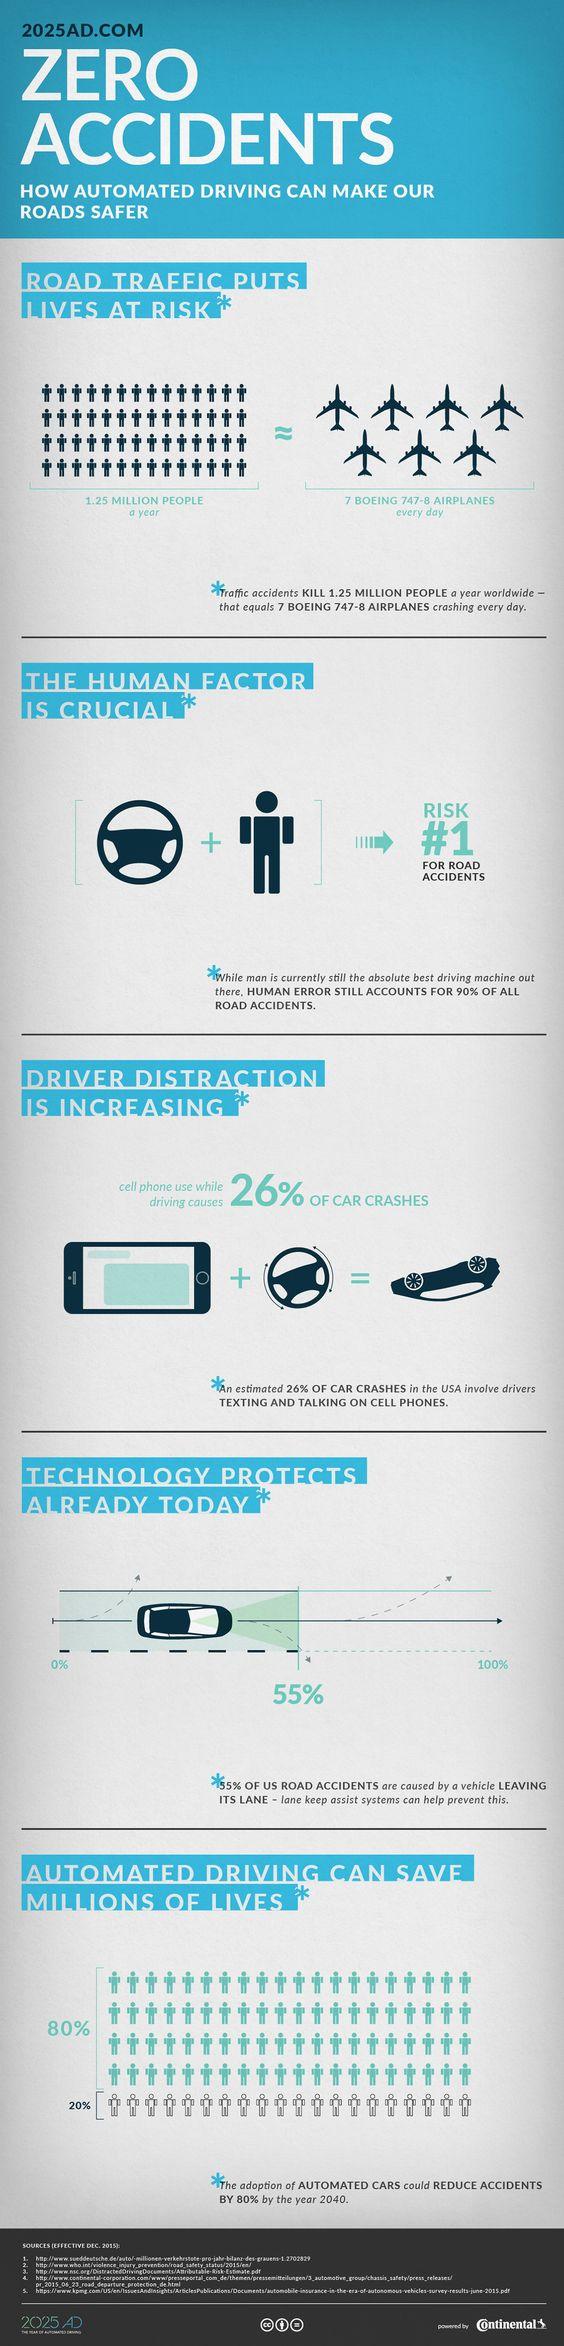 Infographic Zero Accidents